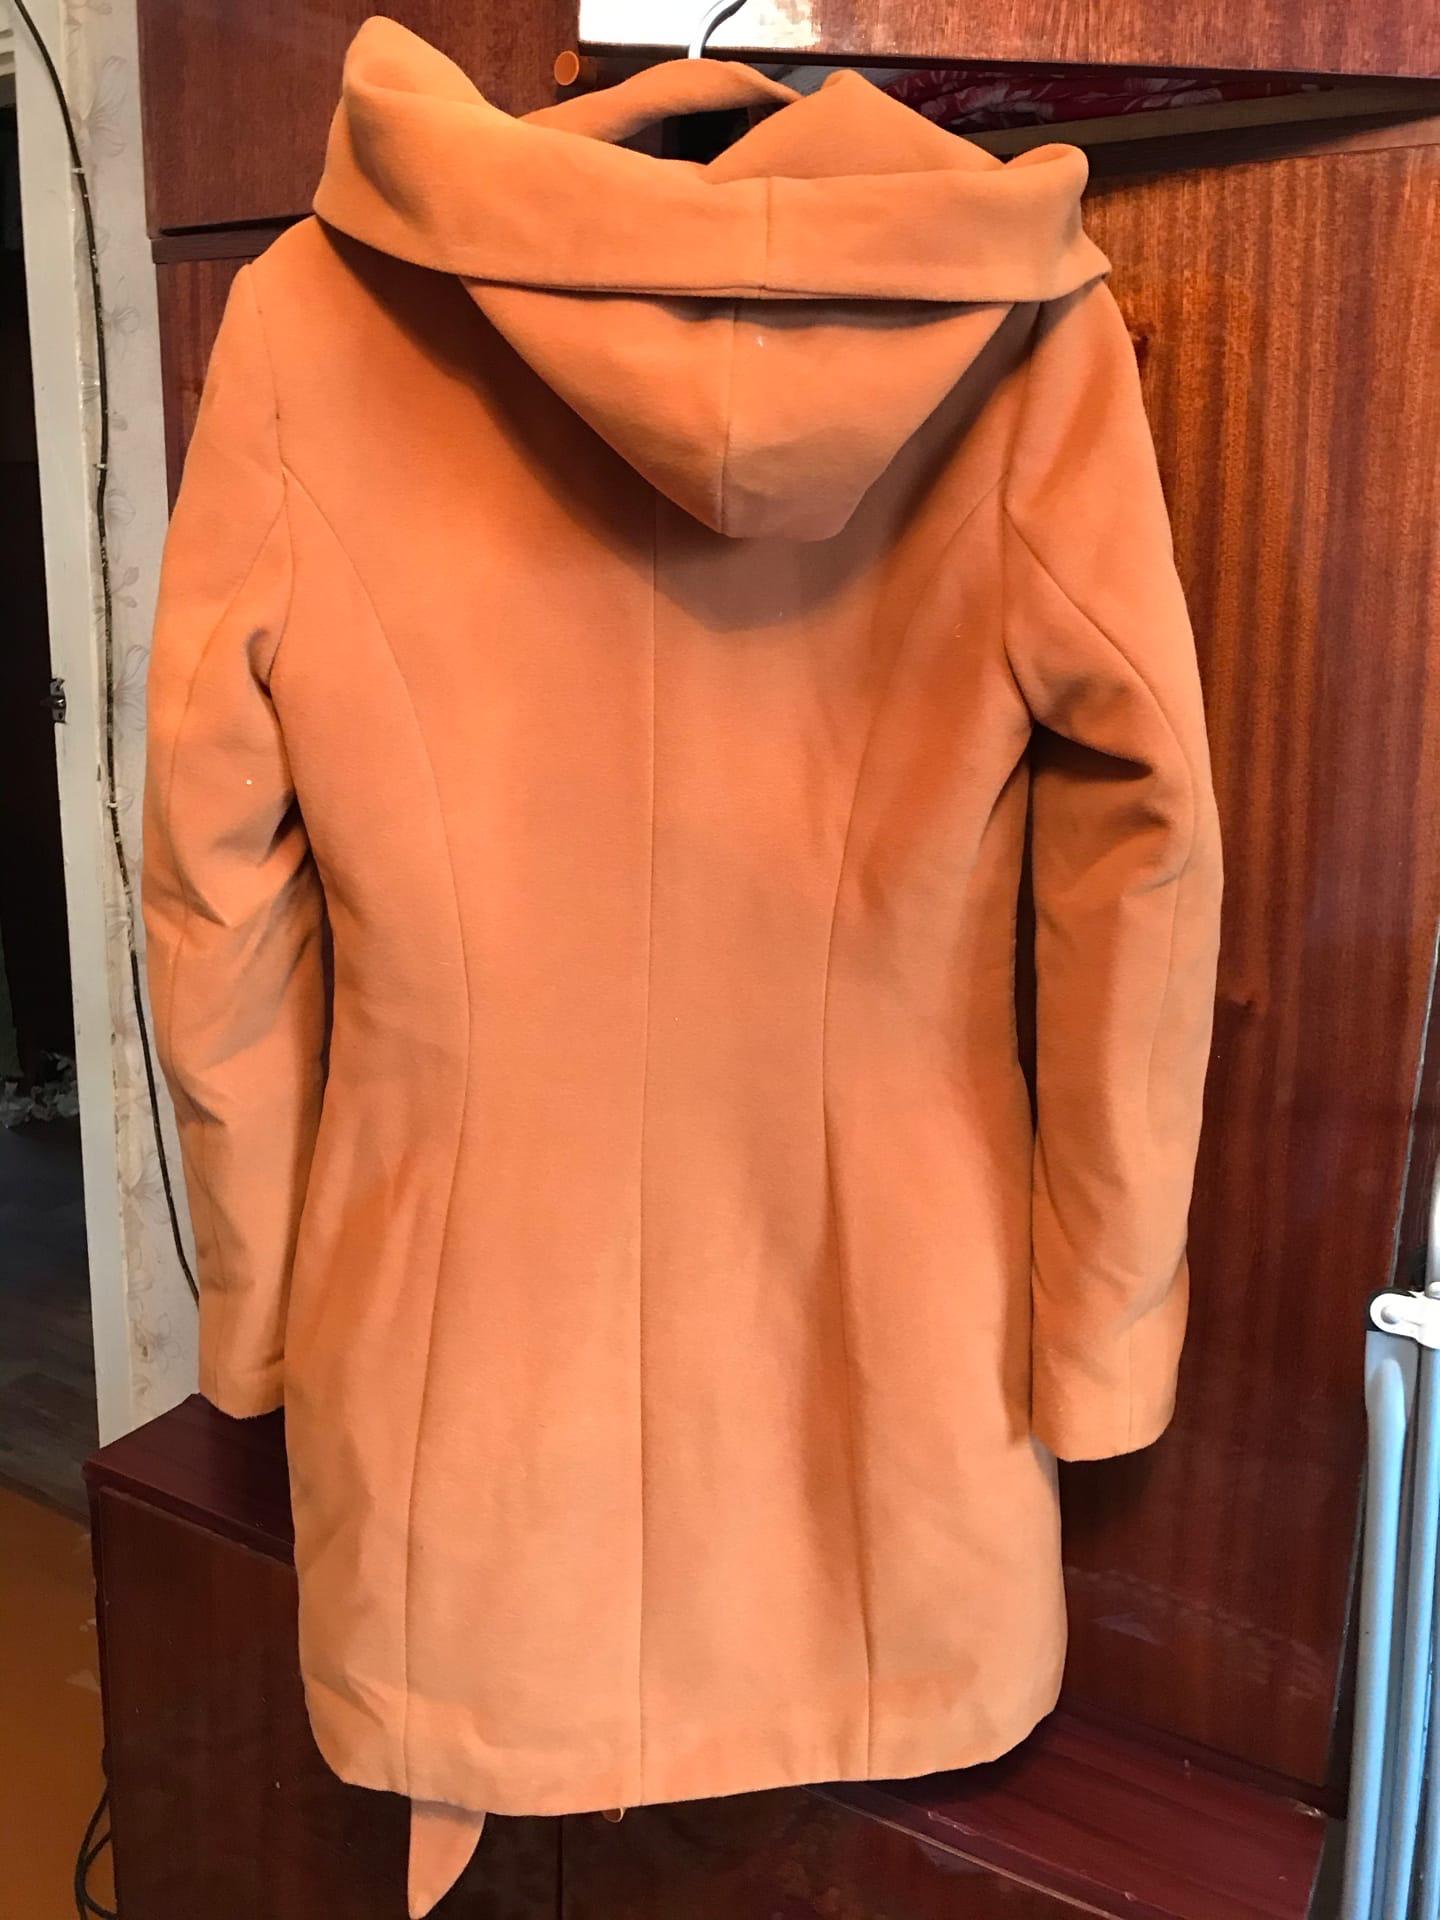 Купить новое пальто, размер 44 (М).  Цена | Объявления Орска и Новотроицка №2891